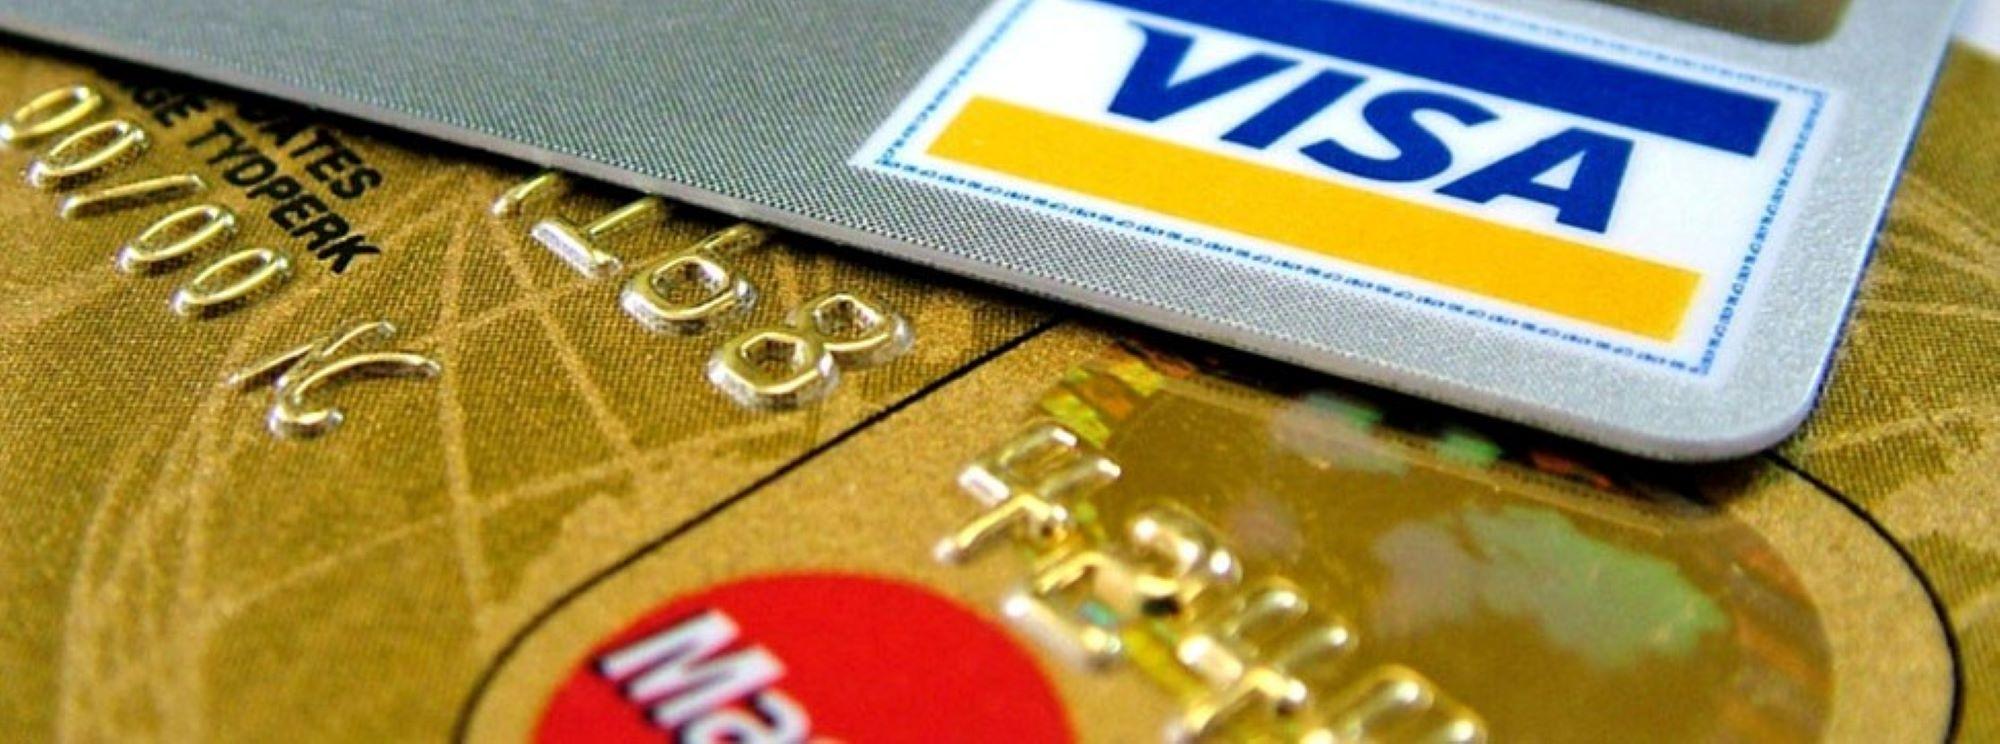 Эксперт назвал главные плюсы неименной банковской карты